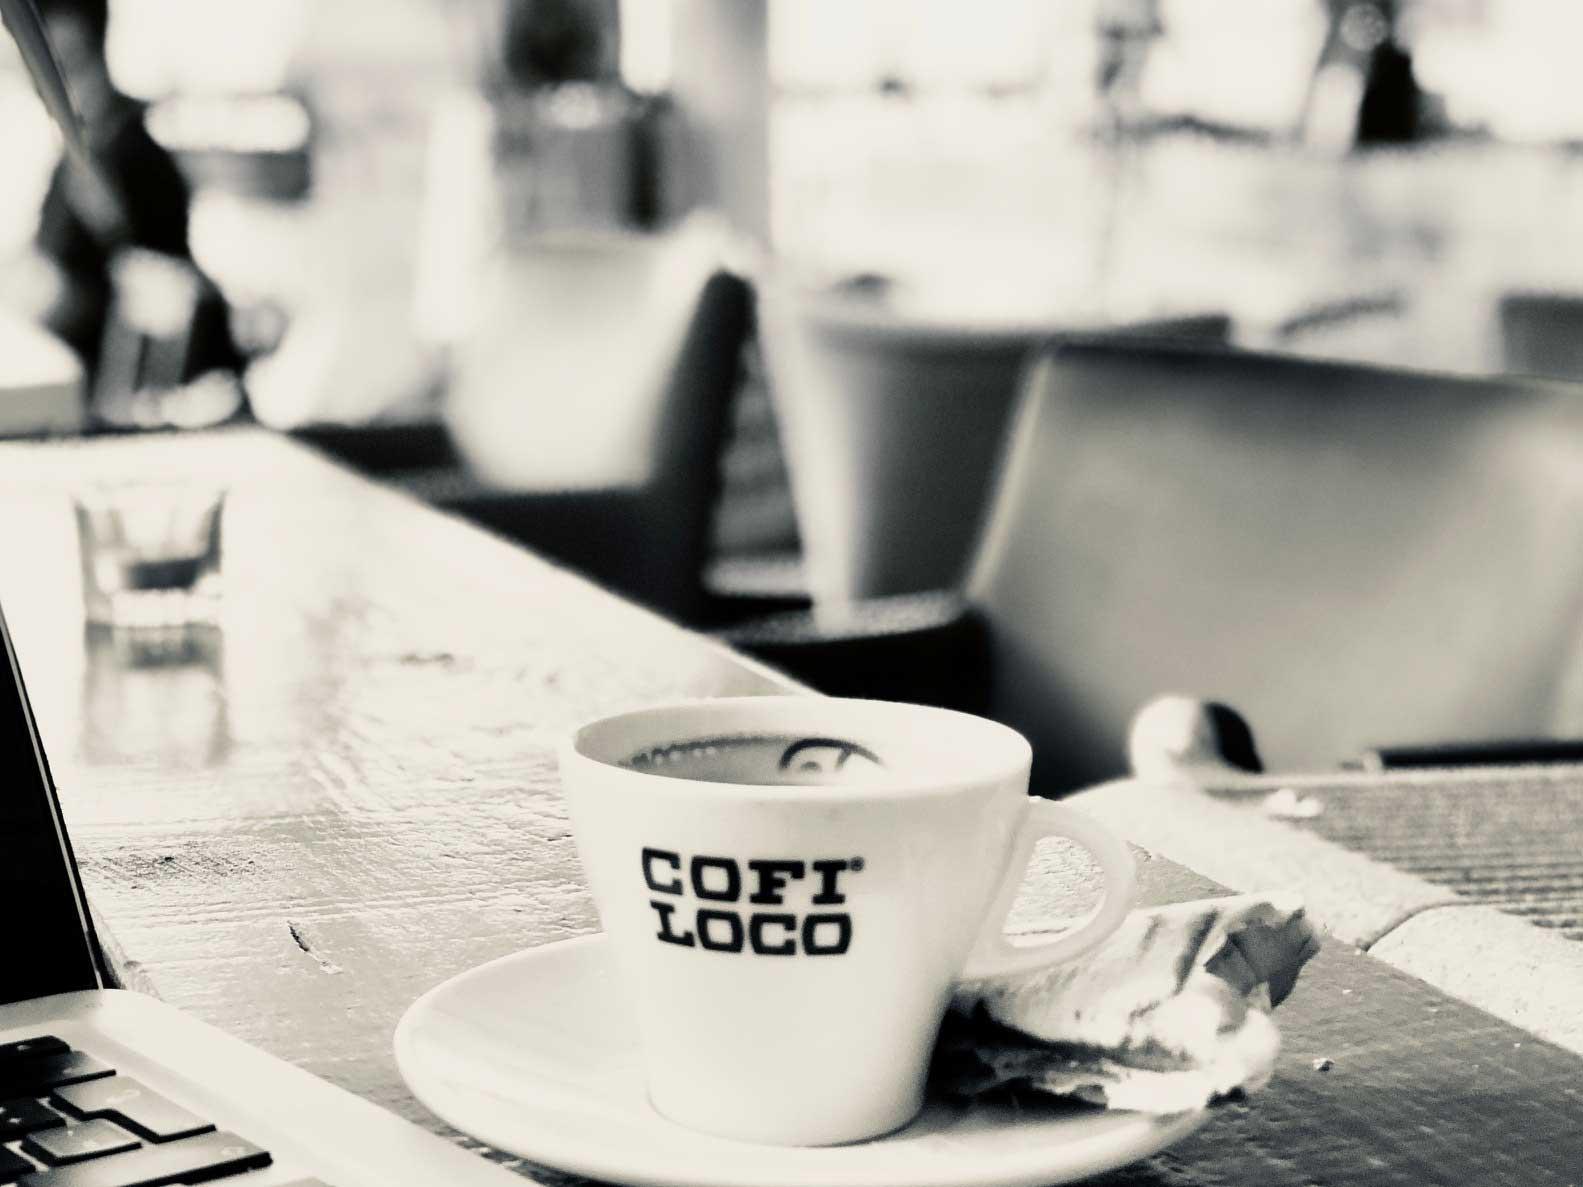 Auf dem Bild sieht man eine Tasse Kaffee der COFI LOCO Roastery